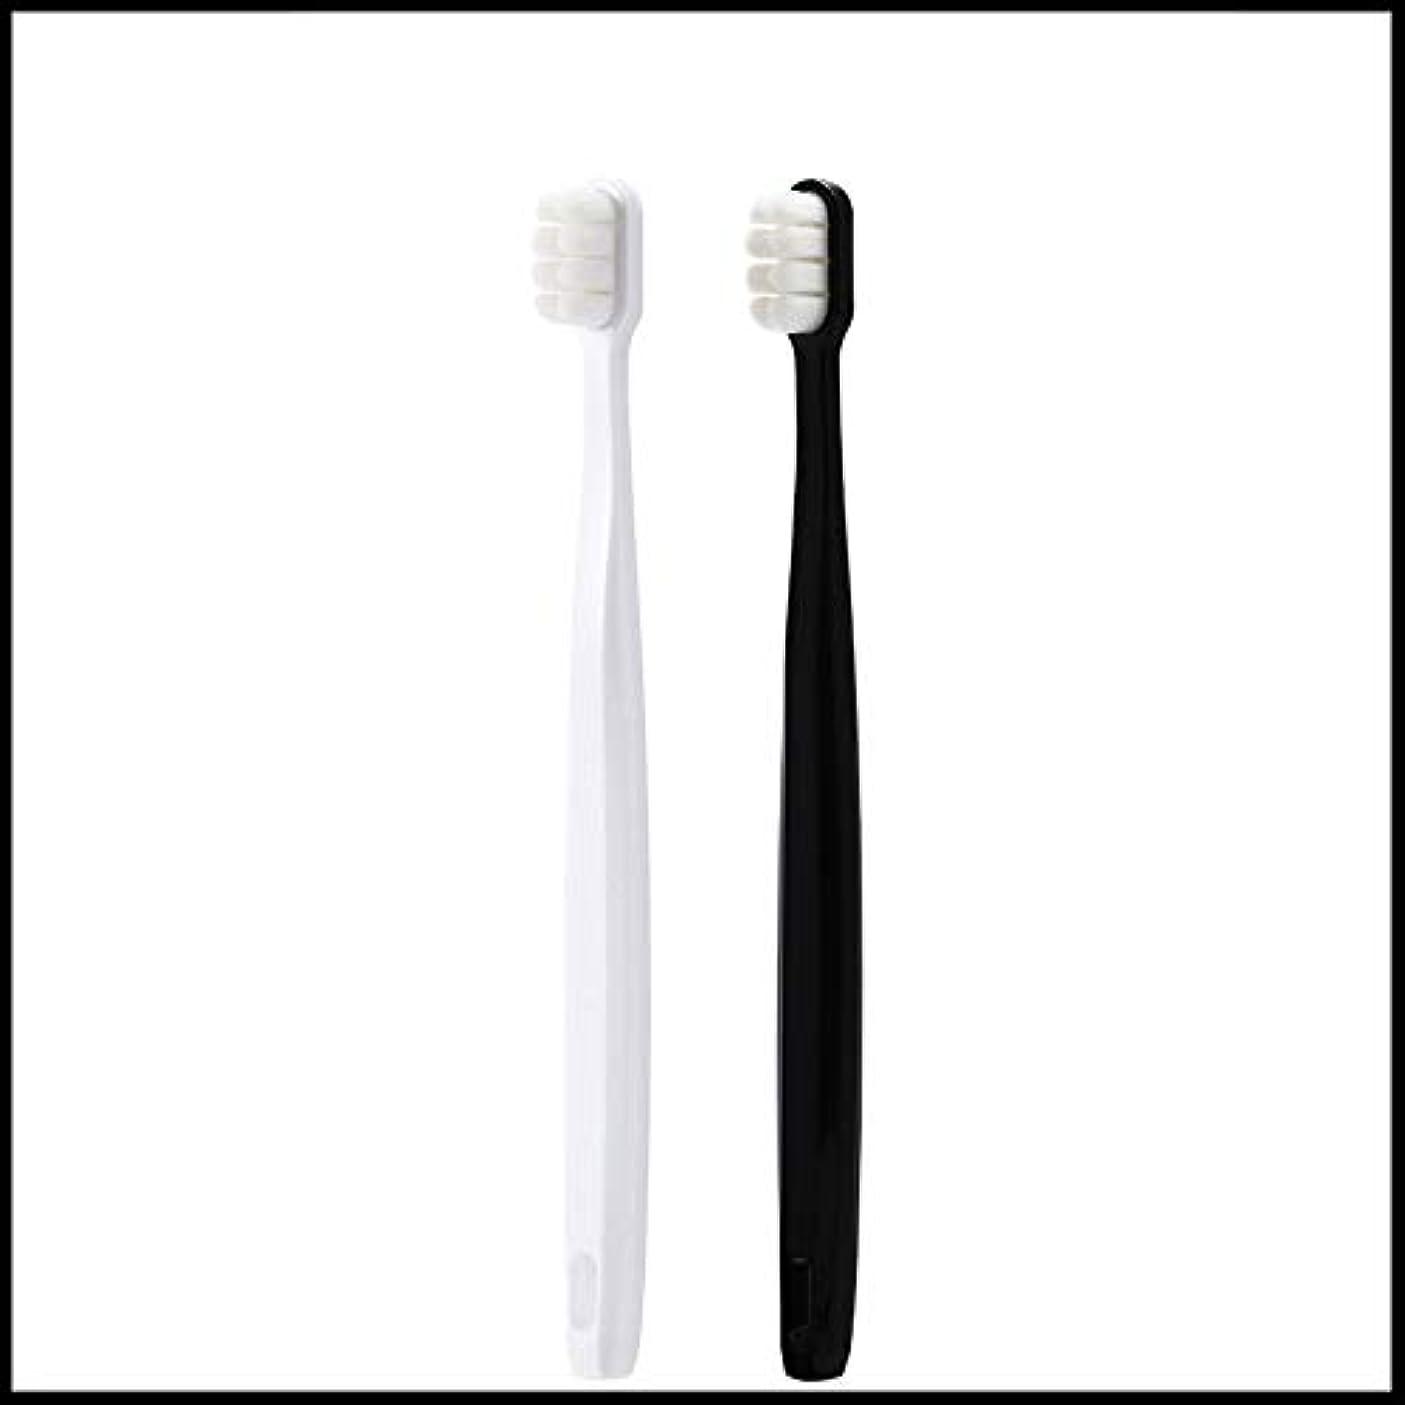 誇大妄想人工慣れる歯ブラシカップルマイクロナノ妊婦歯ブラシ小頭成人用歯ブラシ